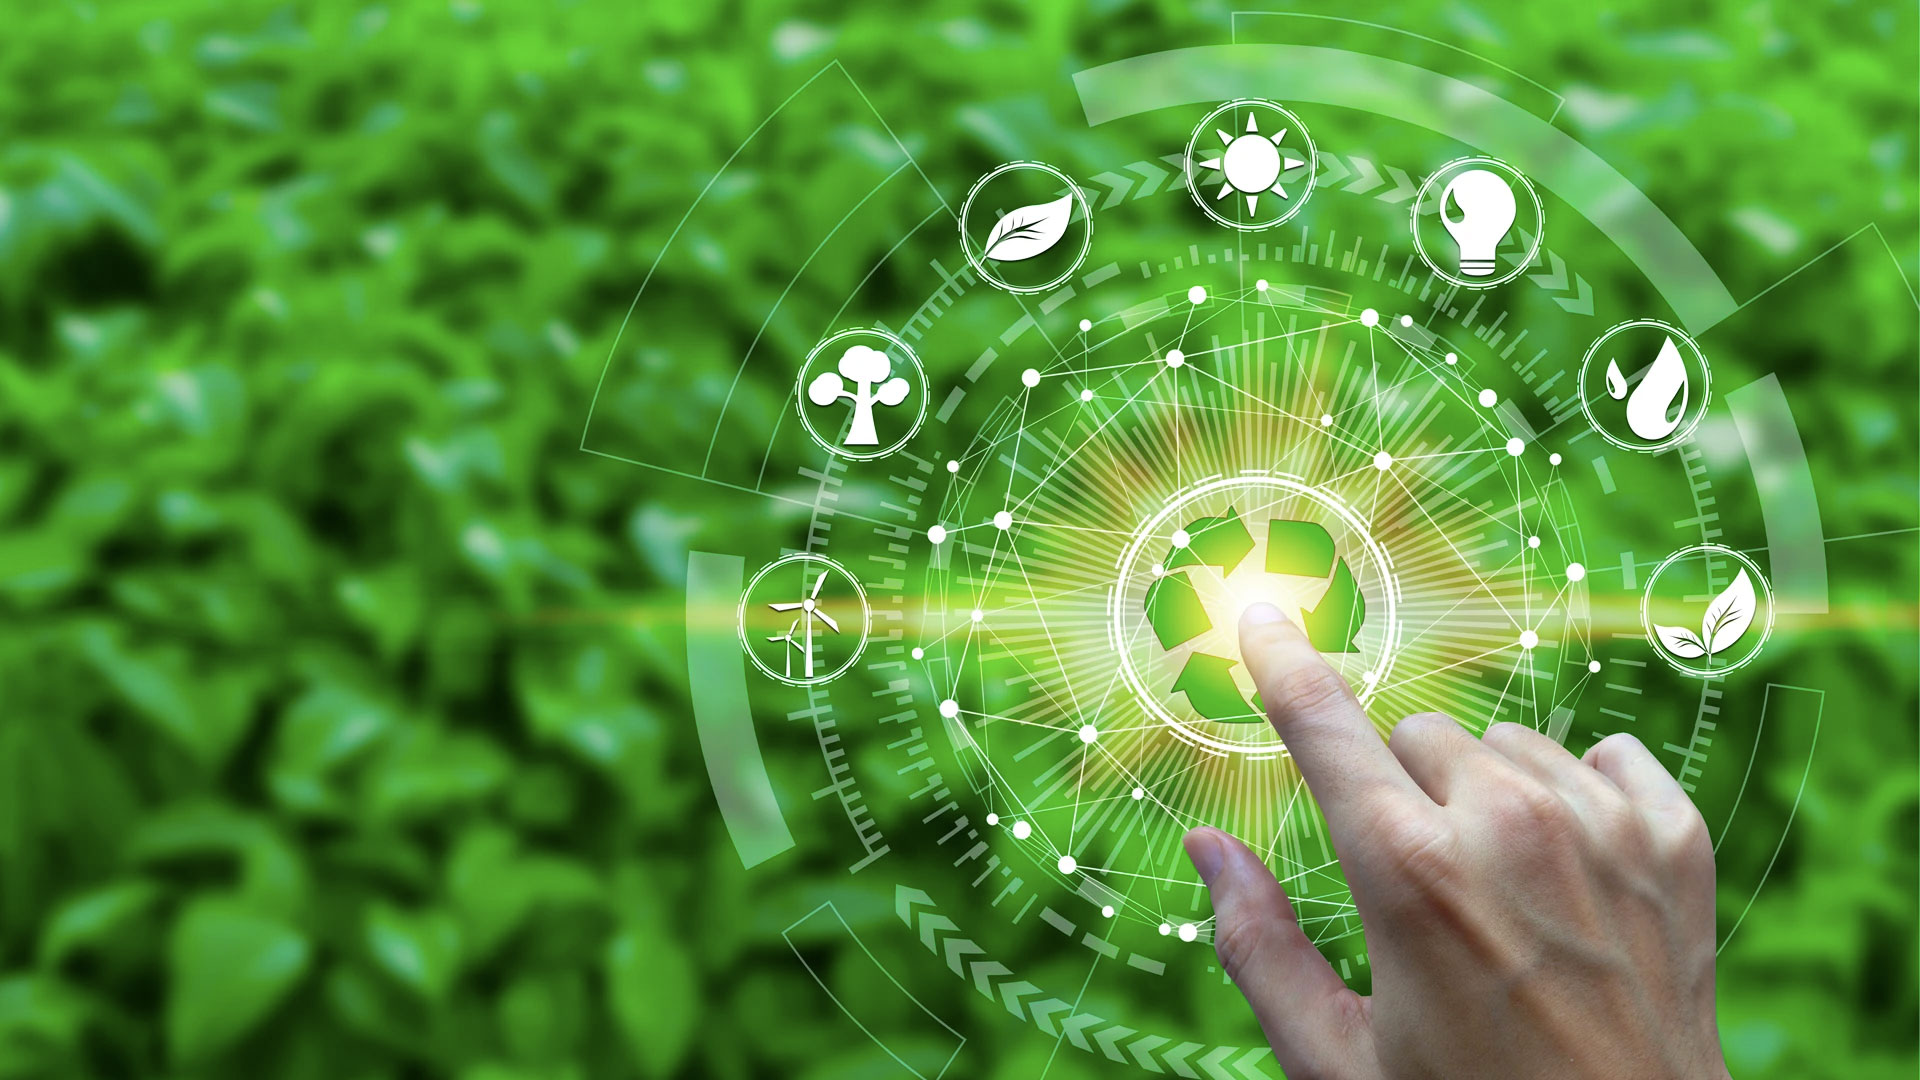 Donanımlı teknik kadrosu ile çevre bilinciyle tasarladığımız teknolojiler ile yaşam döngüsüne önemli bir katkı sağlıyoruz